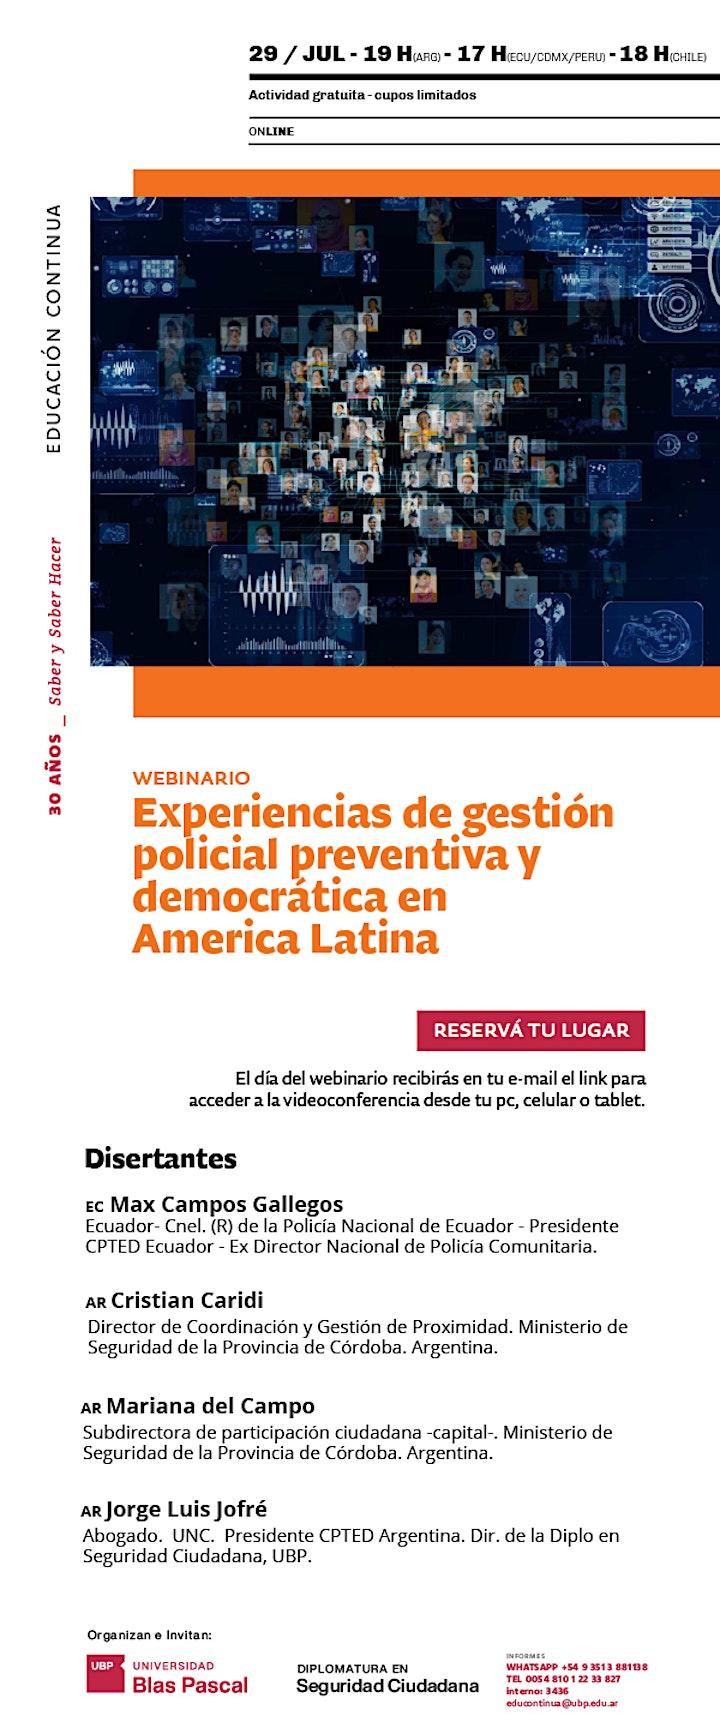 Imagen de Webinar > Experiencias de gestión policial preventiva y democrática